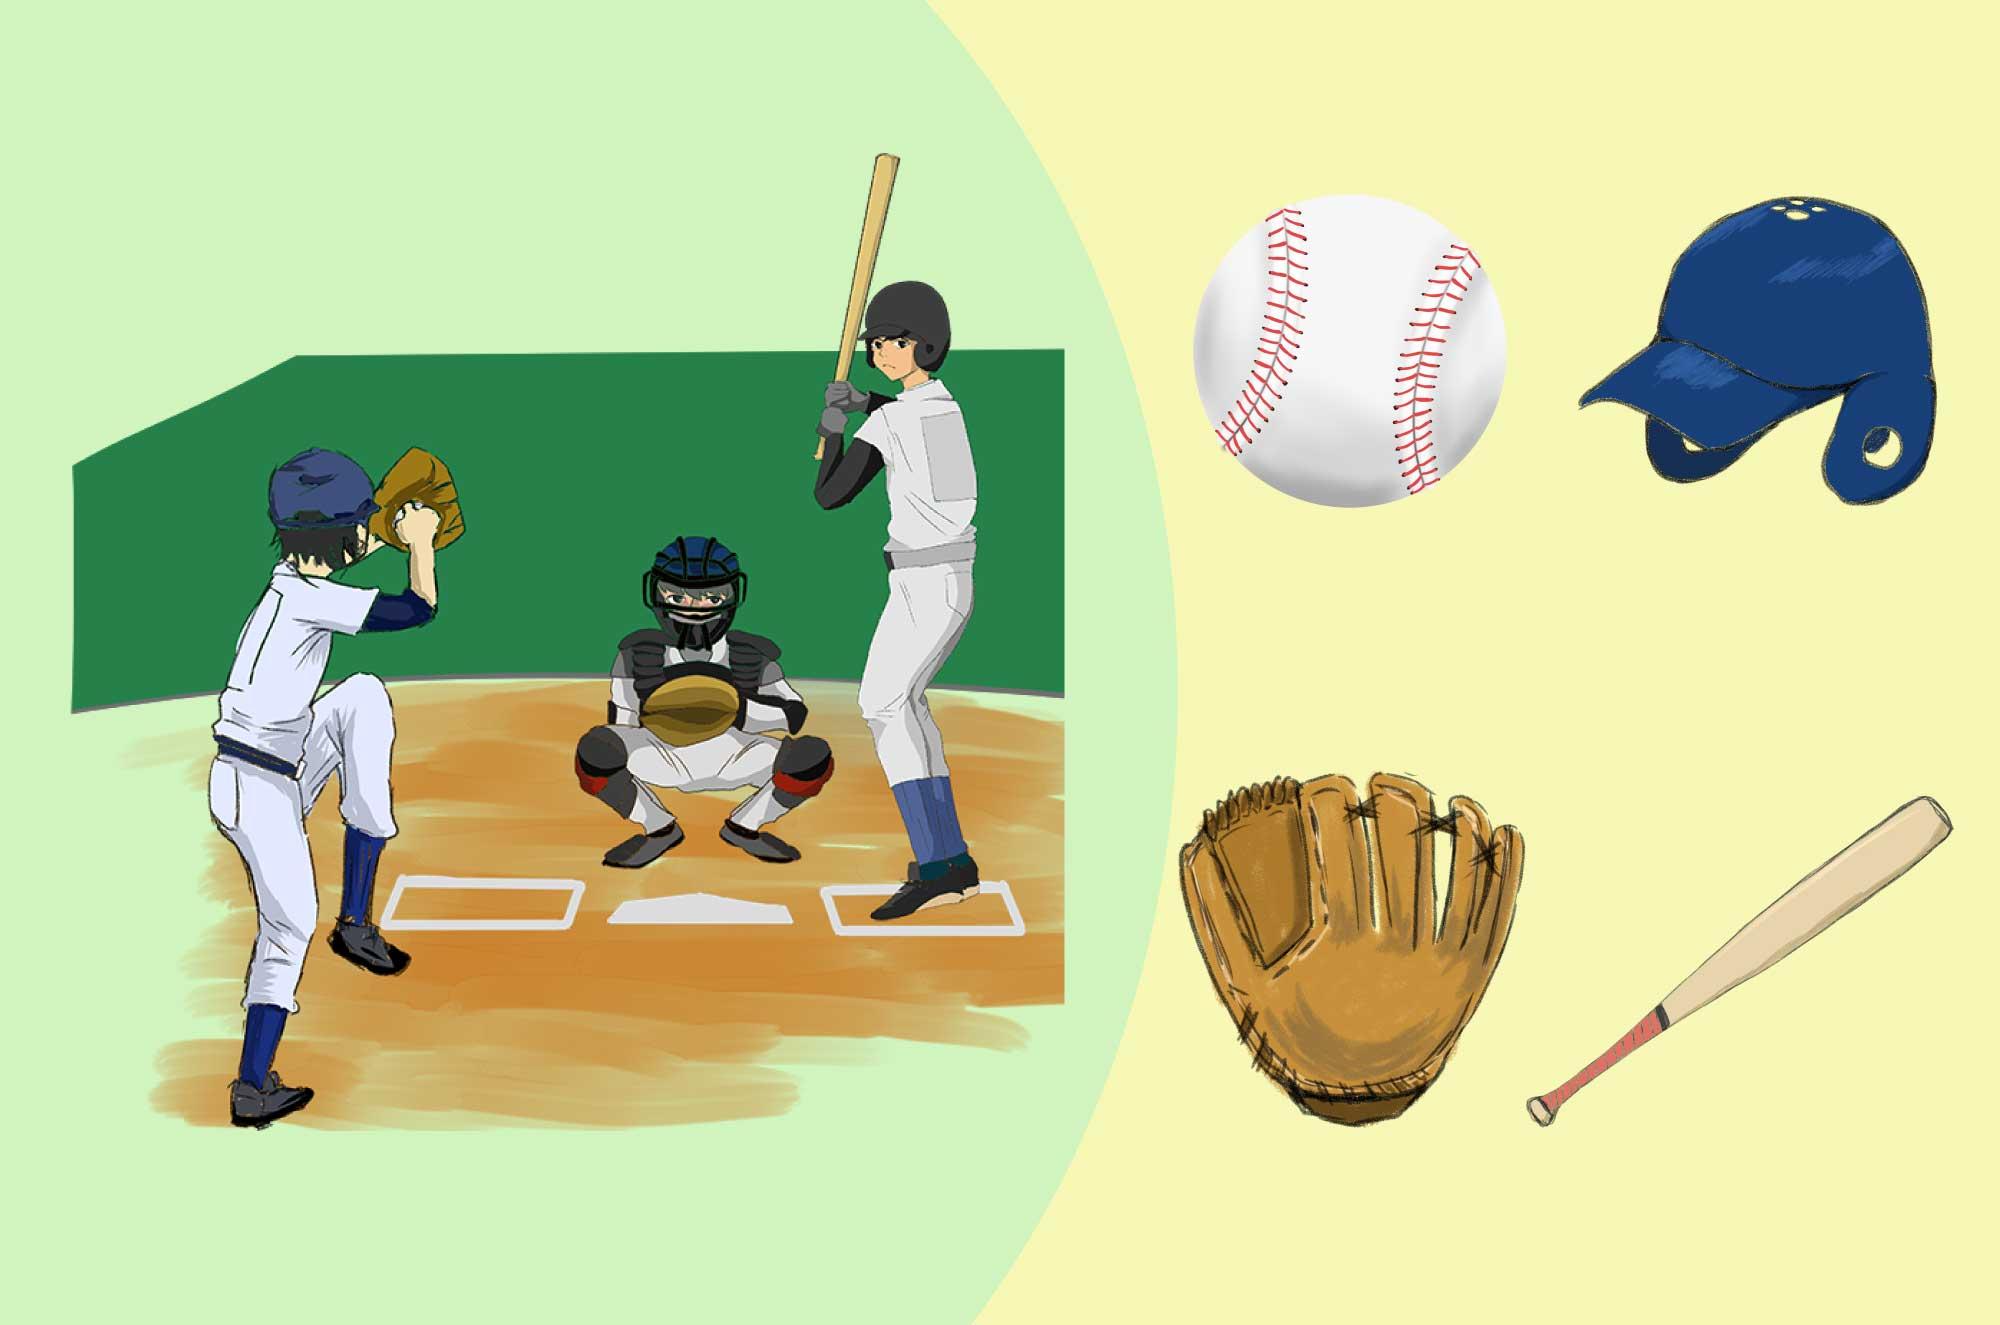 野球の無料イラスト - ピッチャー、バッター道具素材